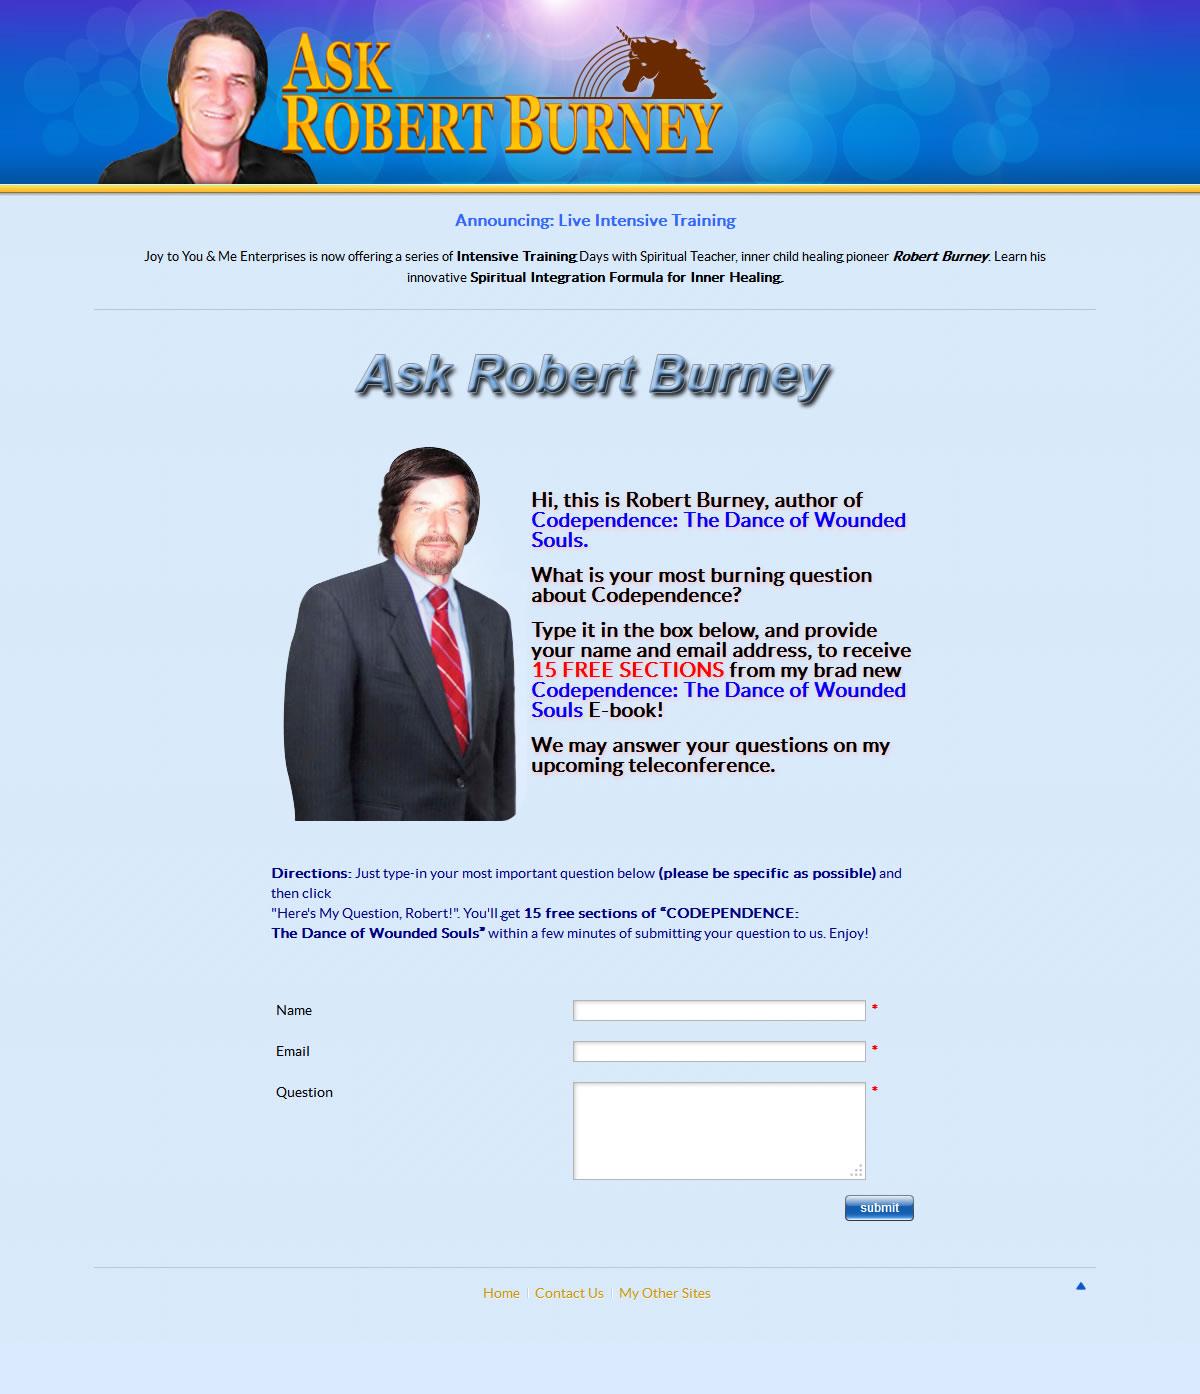 Ask Robert Burney